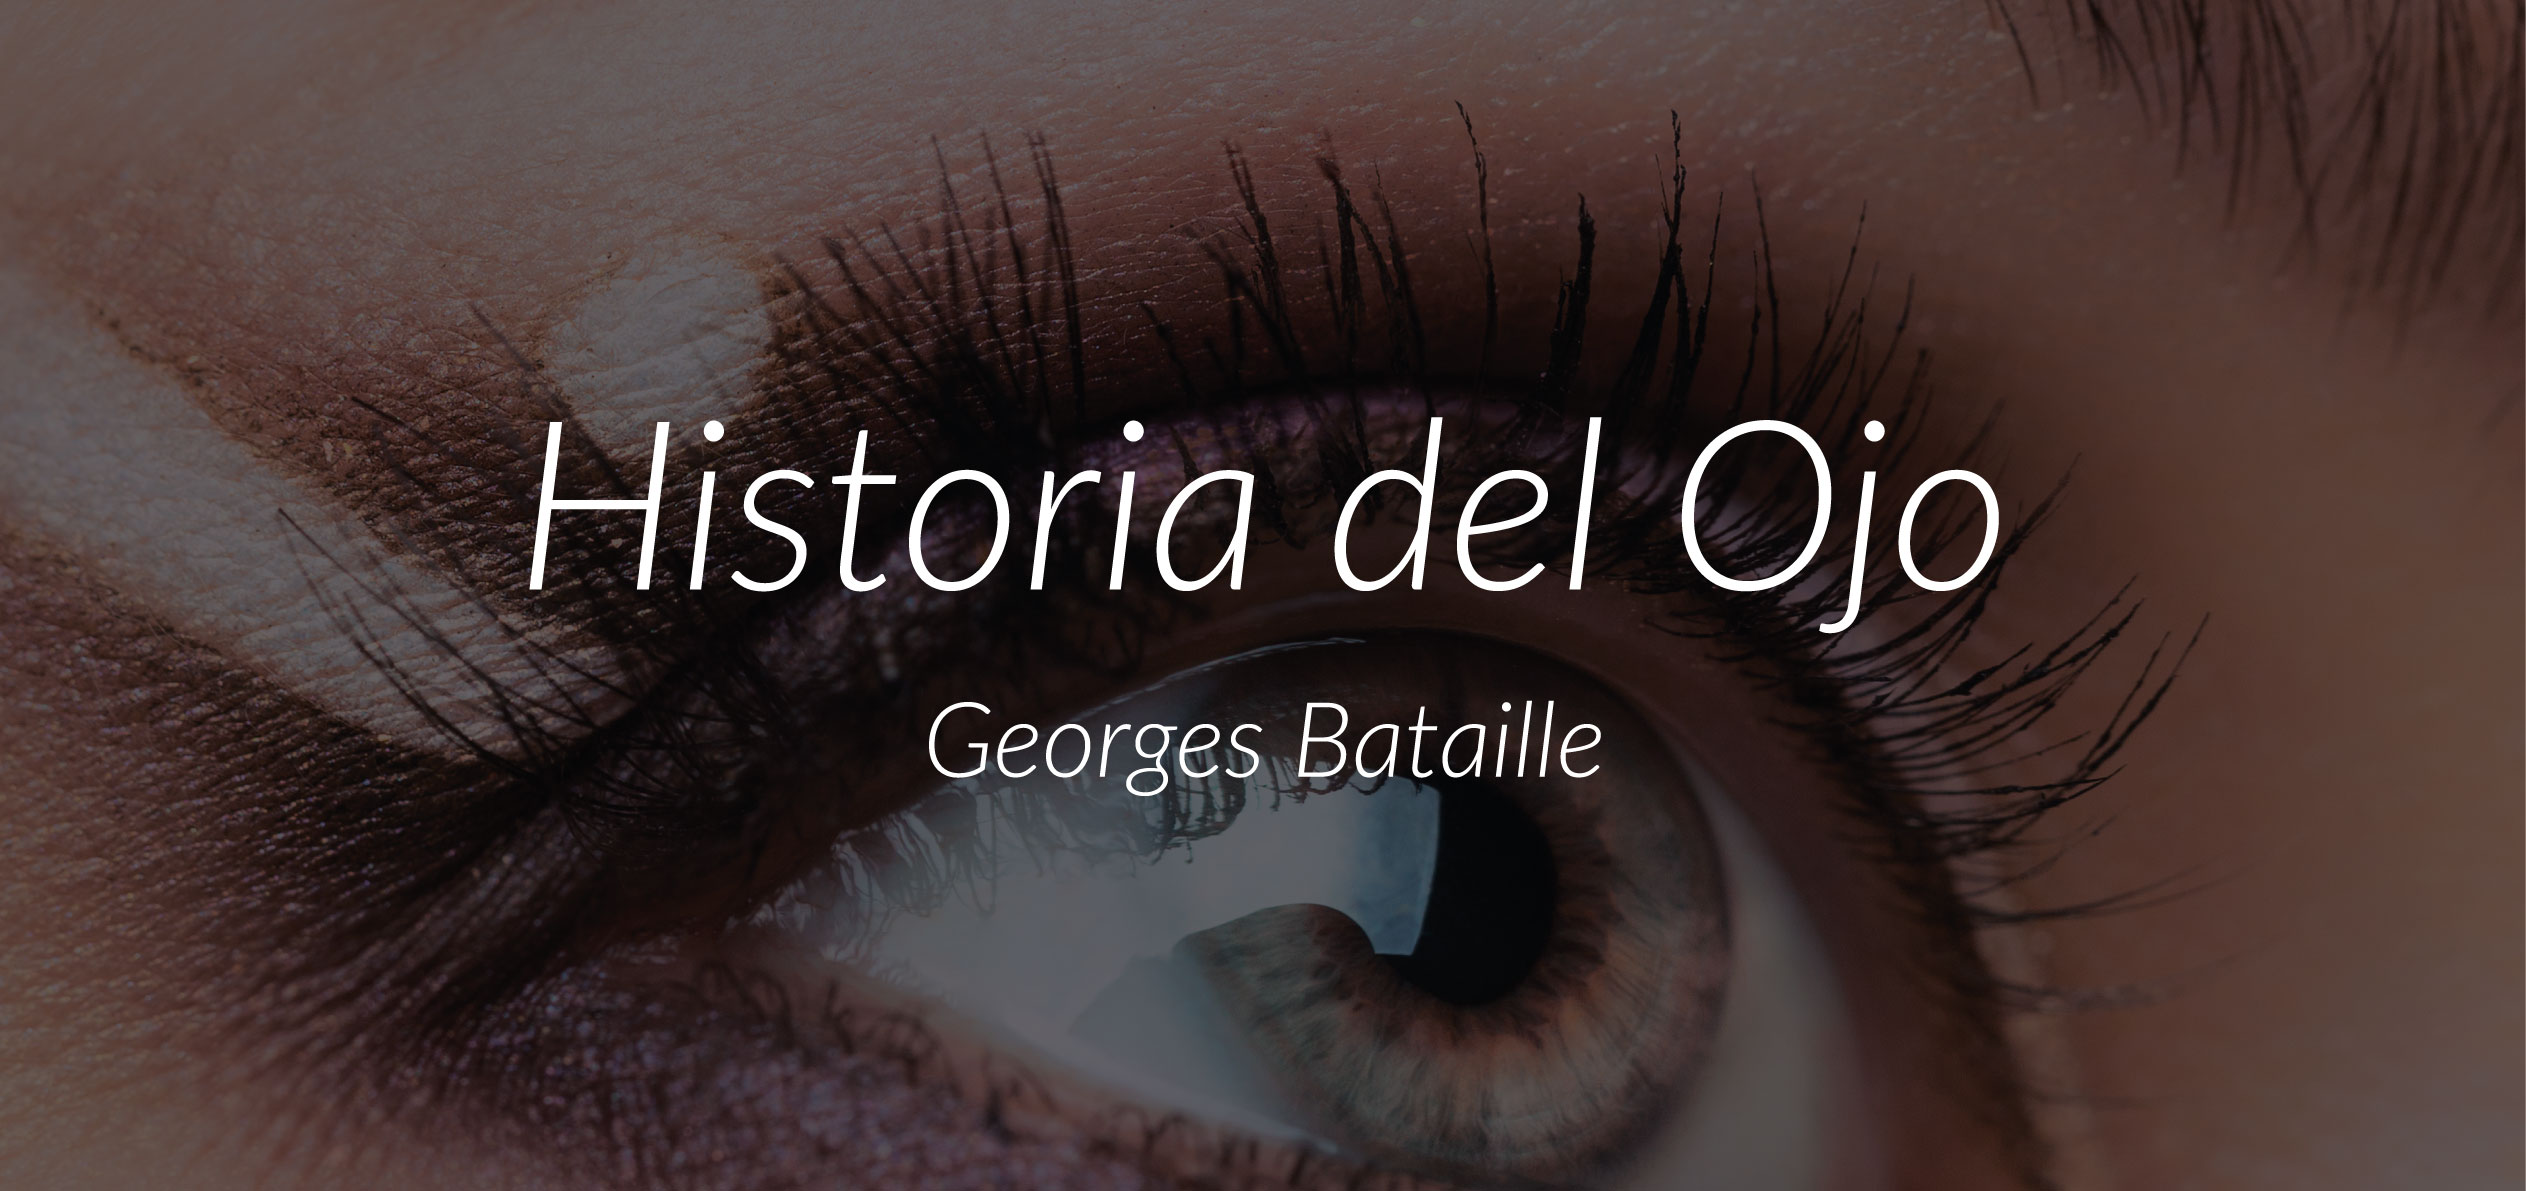 Historia del Ojo, de Georges Bataille